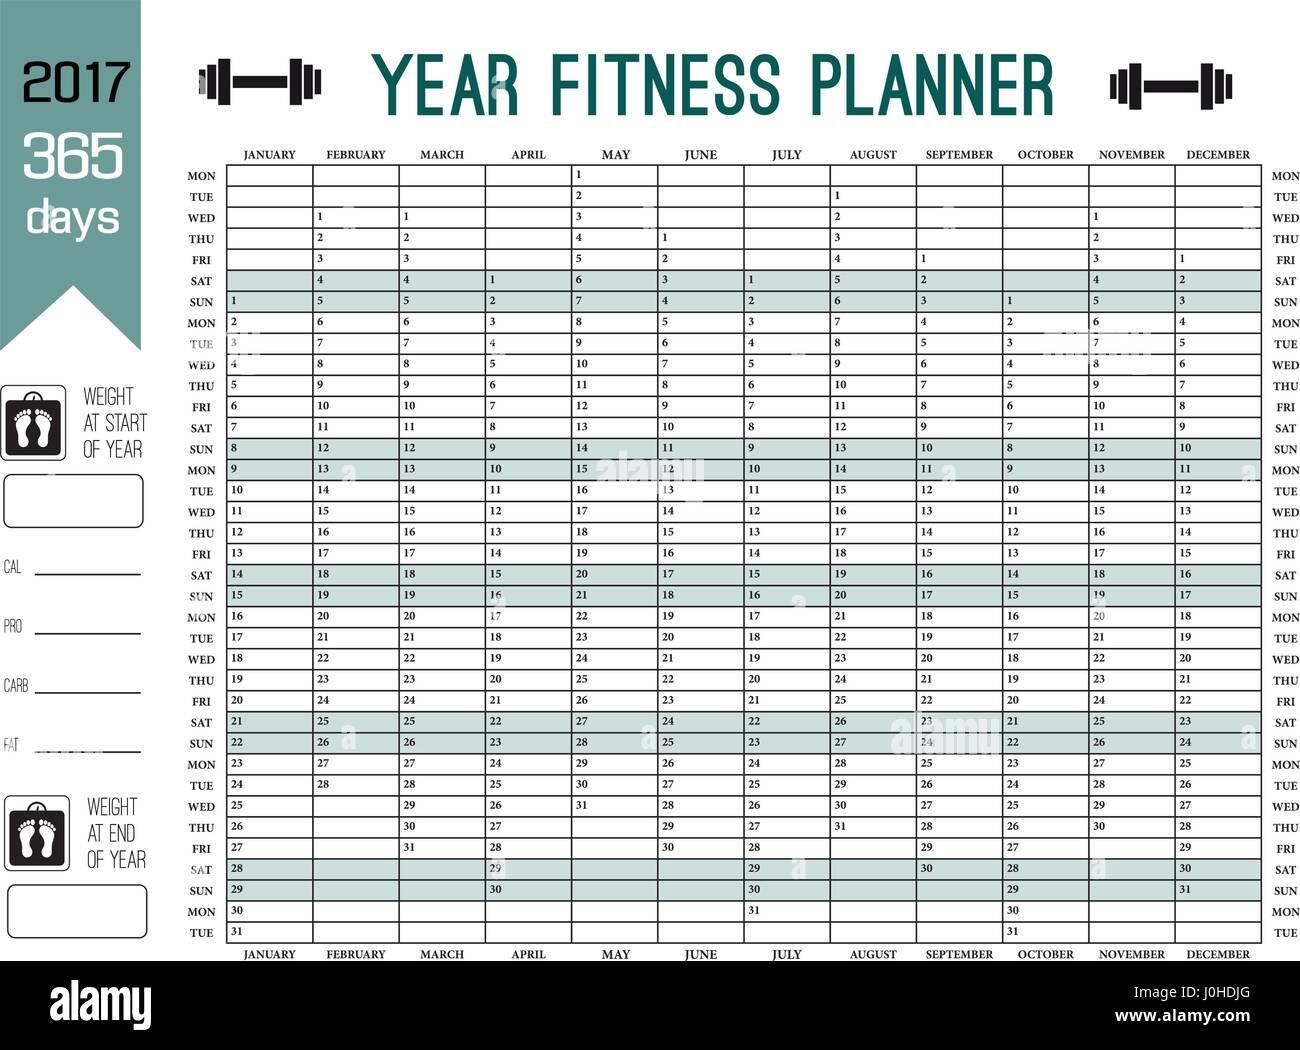 Jahres-Wandkalender-Vorlage. Planen Sie Ihre ganze Fitness mit ...